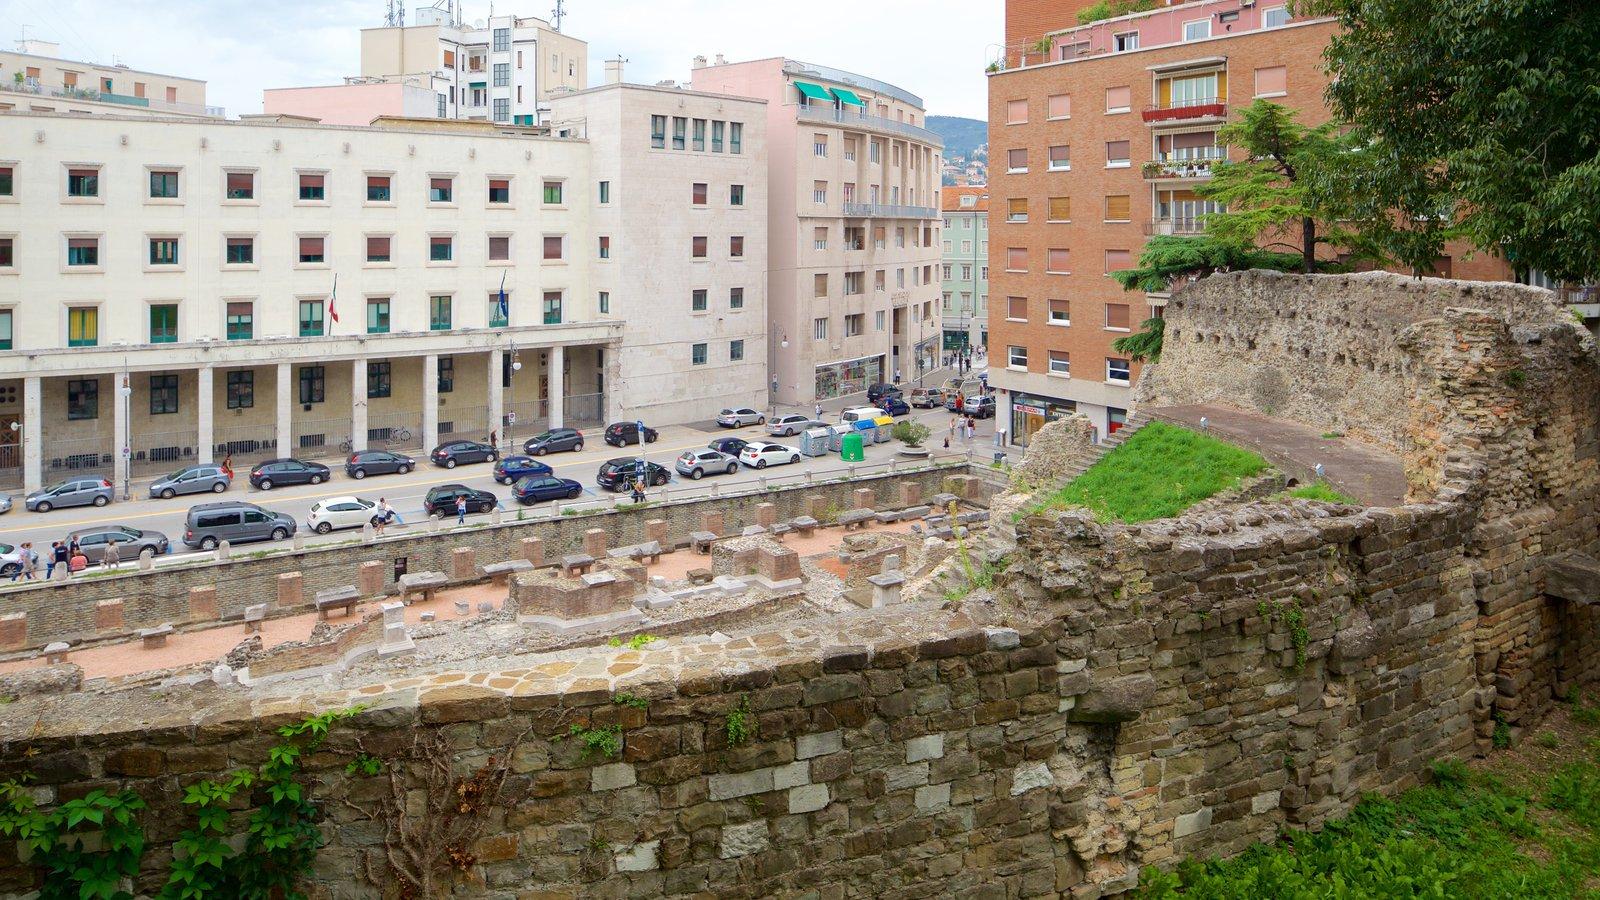 Roman Theatre which includes a ruin